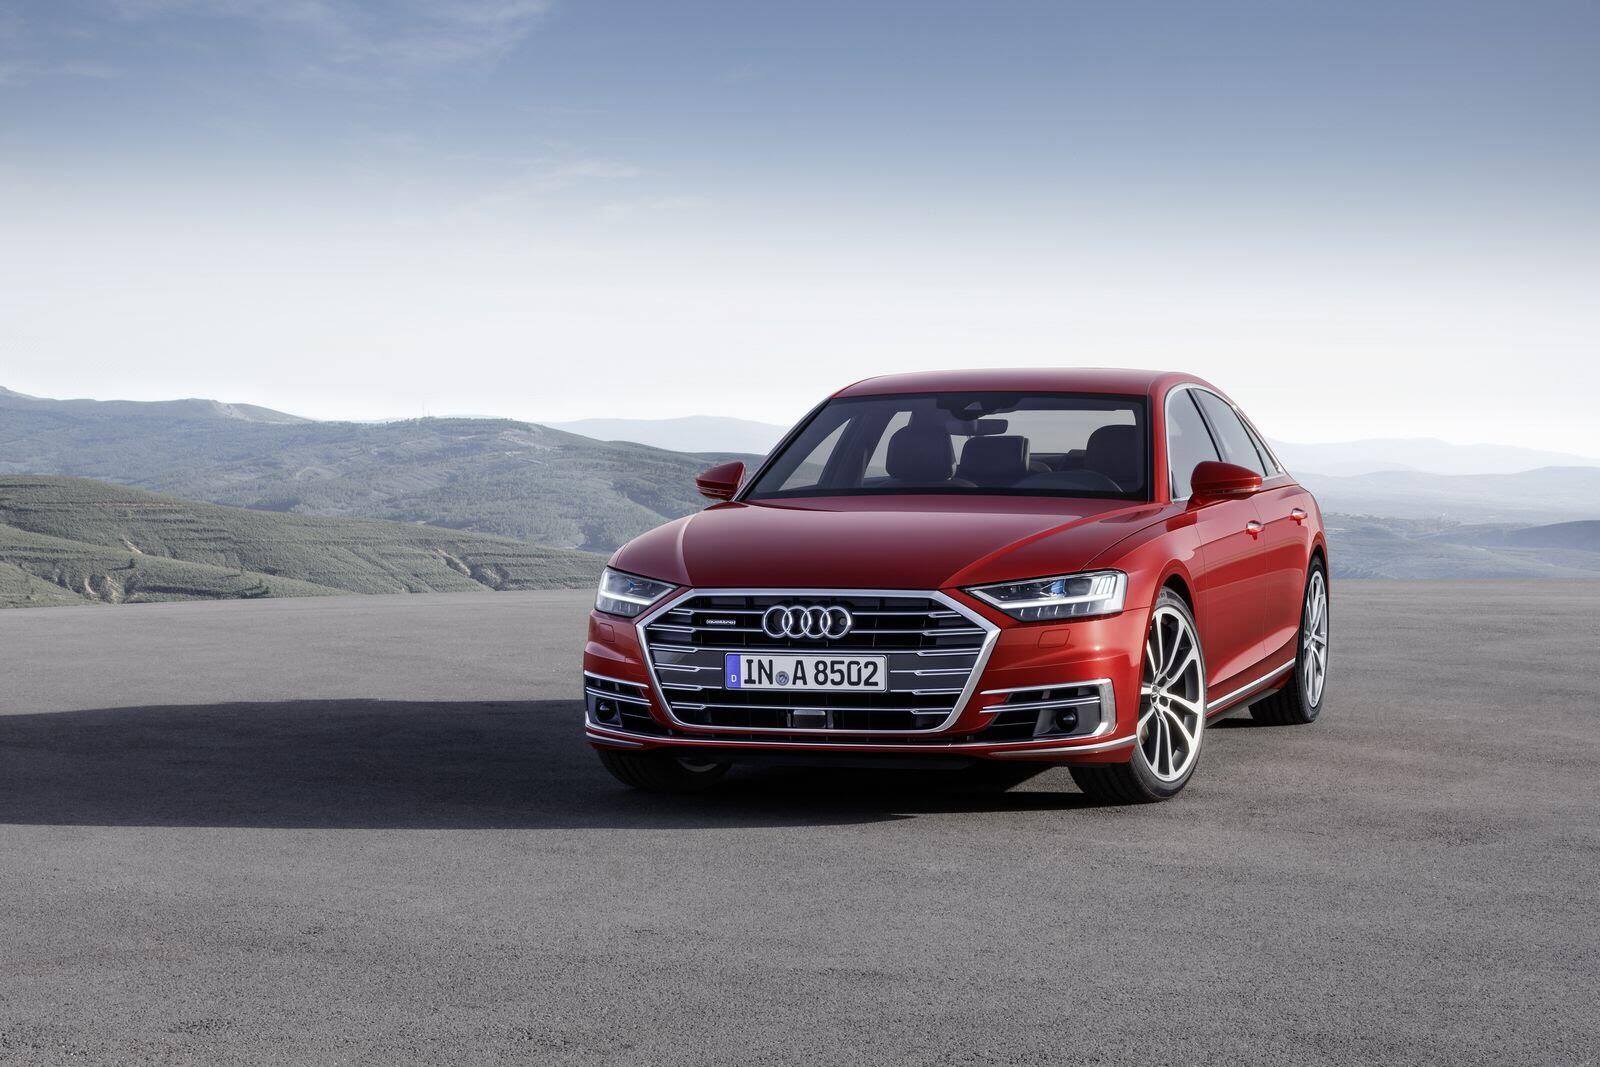 Audi A8 hoàn toàn mới chính thức ra mắt với đầy ắp công nghệ - Hình 25